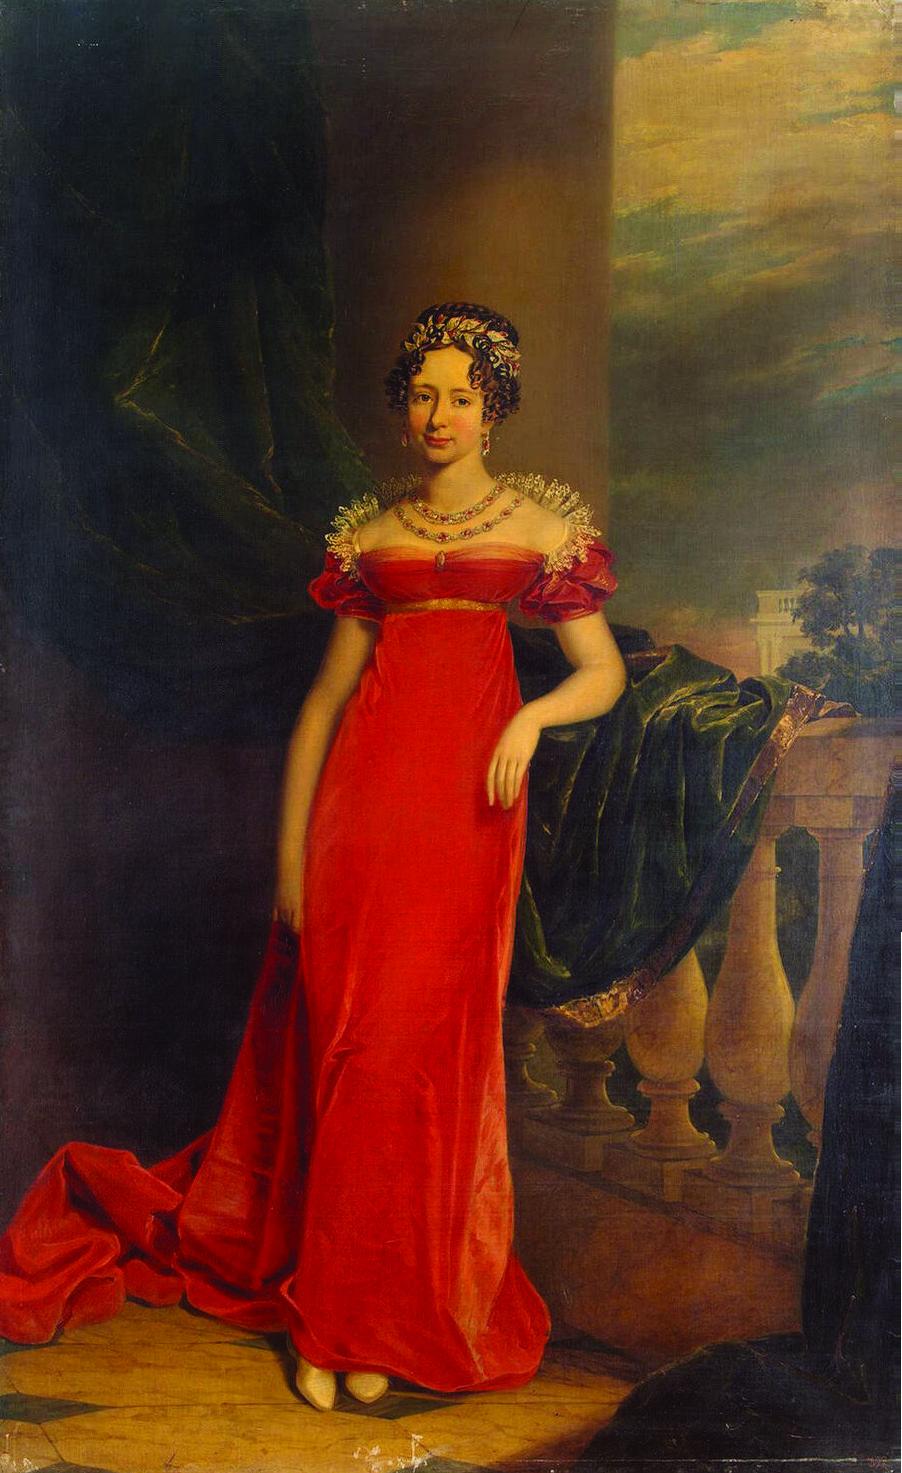 день считается английские женские имена 19 века добро, каждым годом